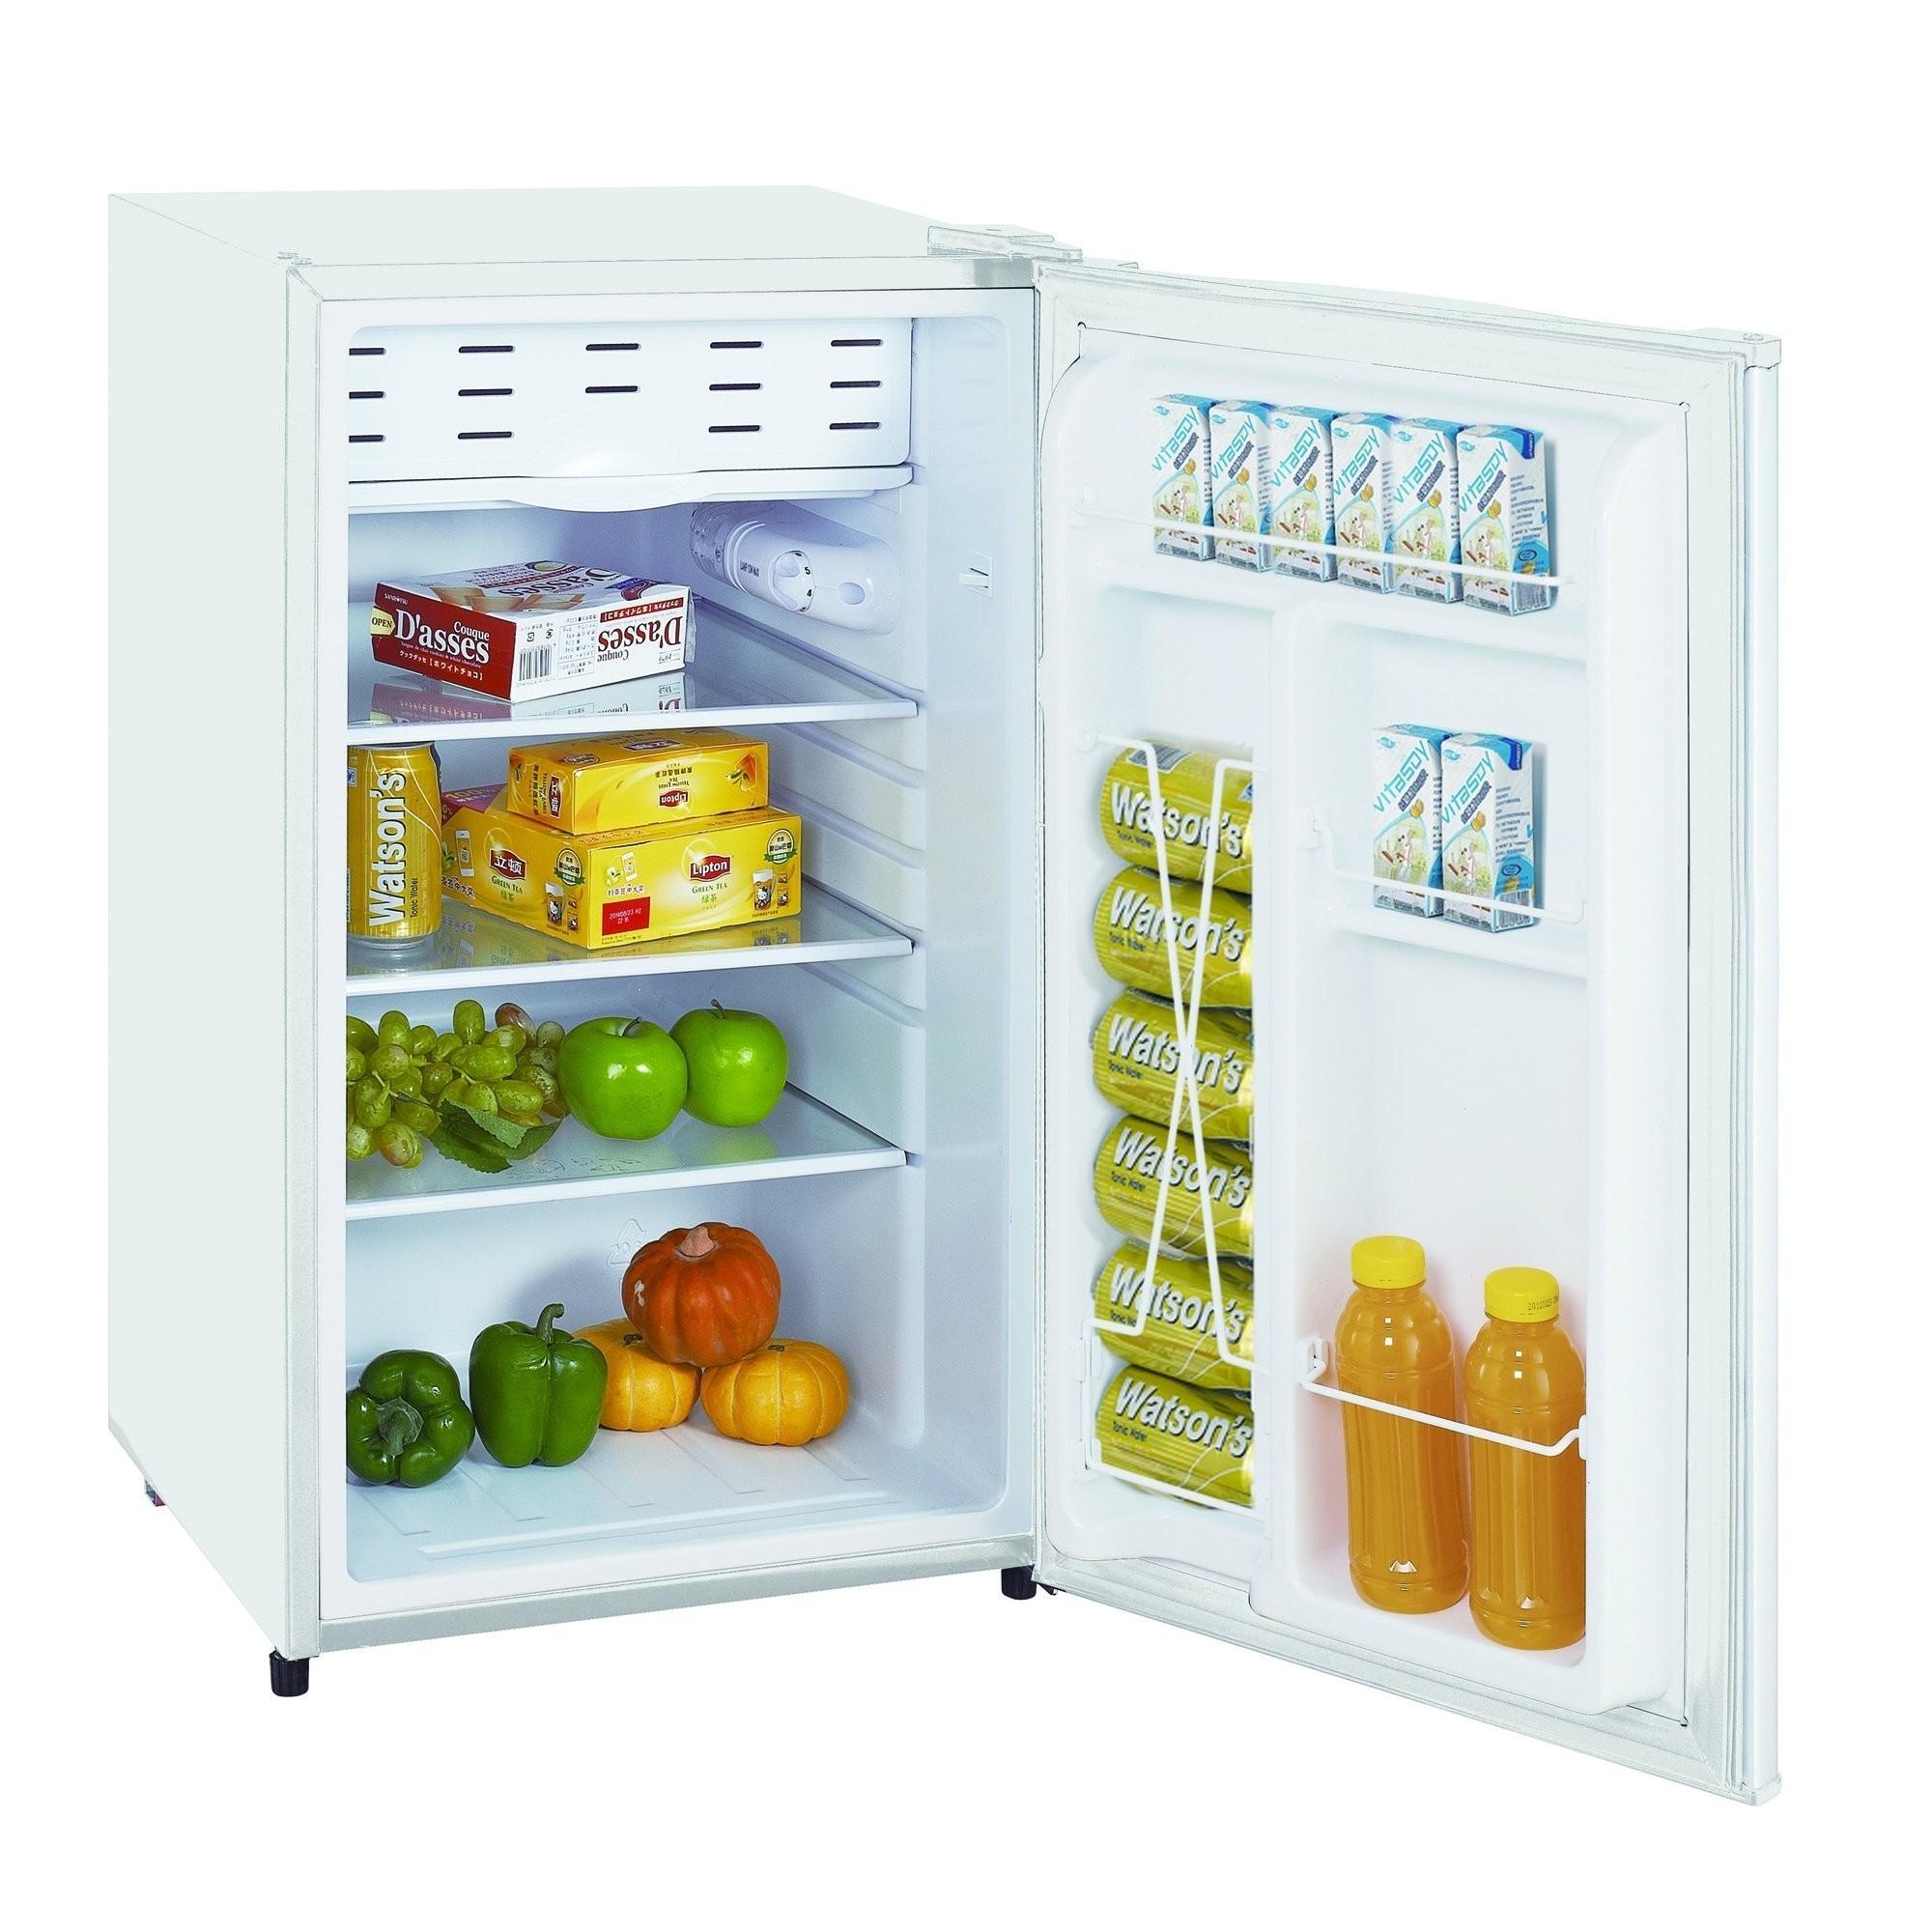 toller kühlschrank gesundes leben idee